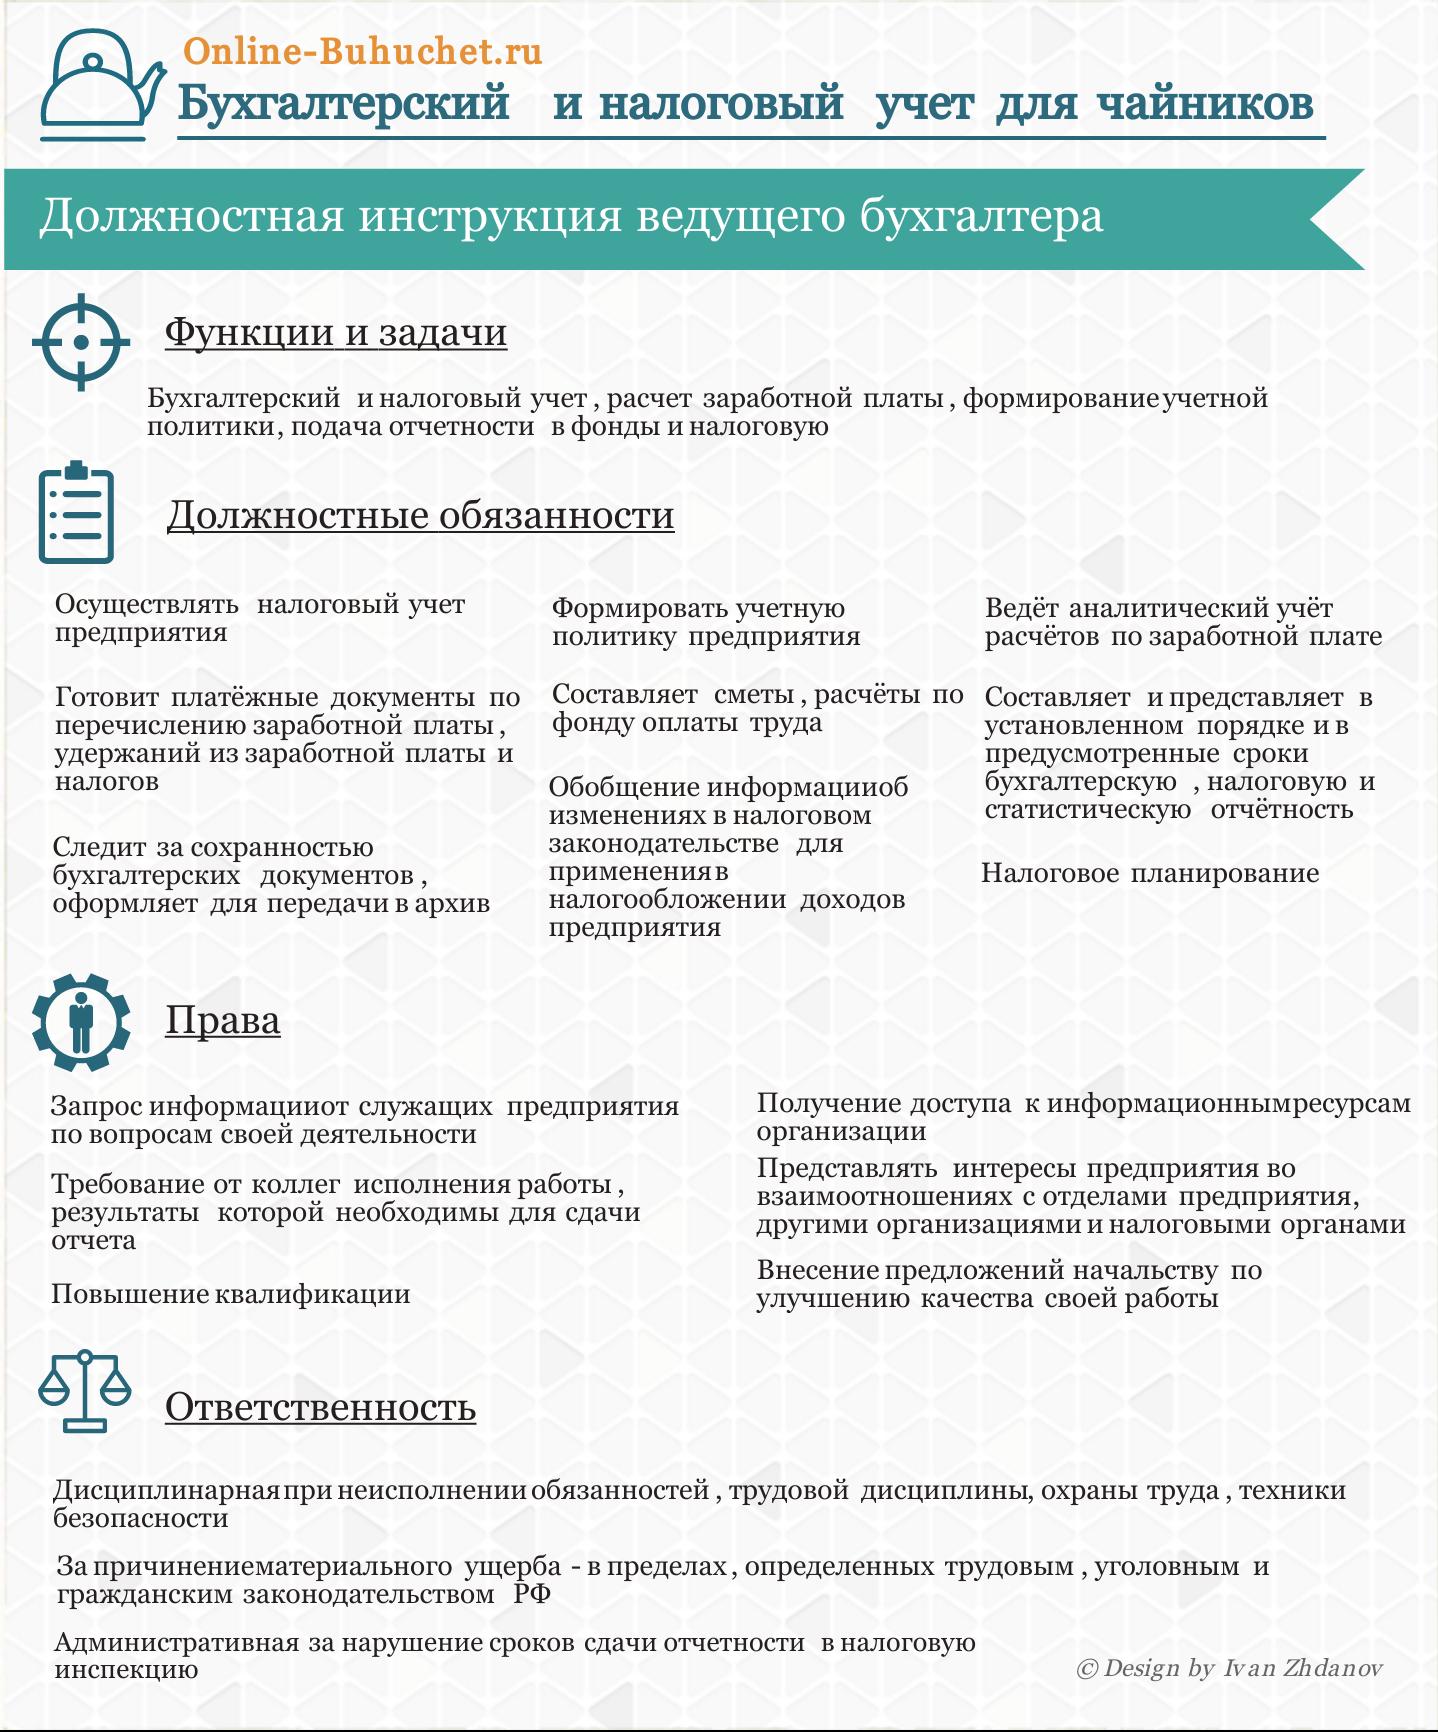 dolzhnostnaya-instrukcziya-vedushhego-buhgaltera-obrazecz-2